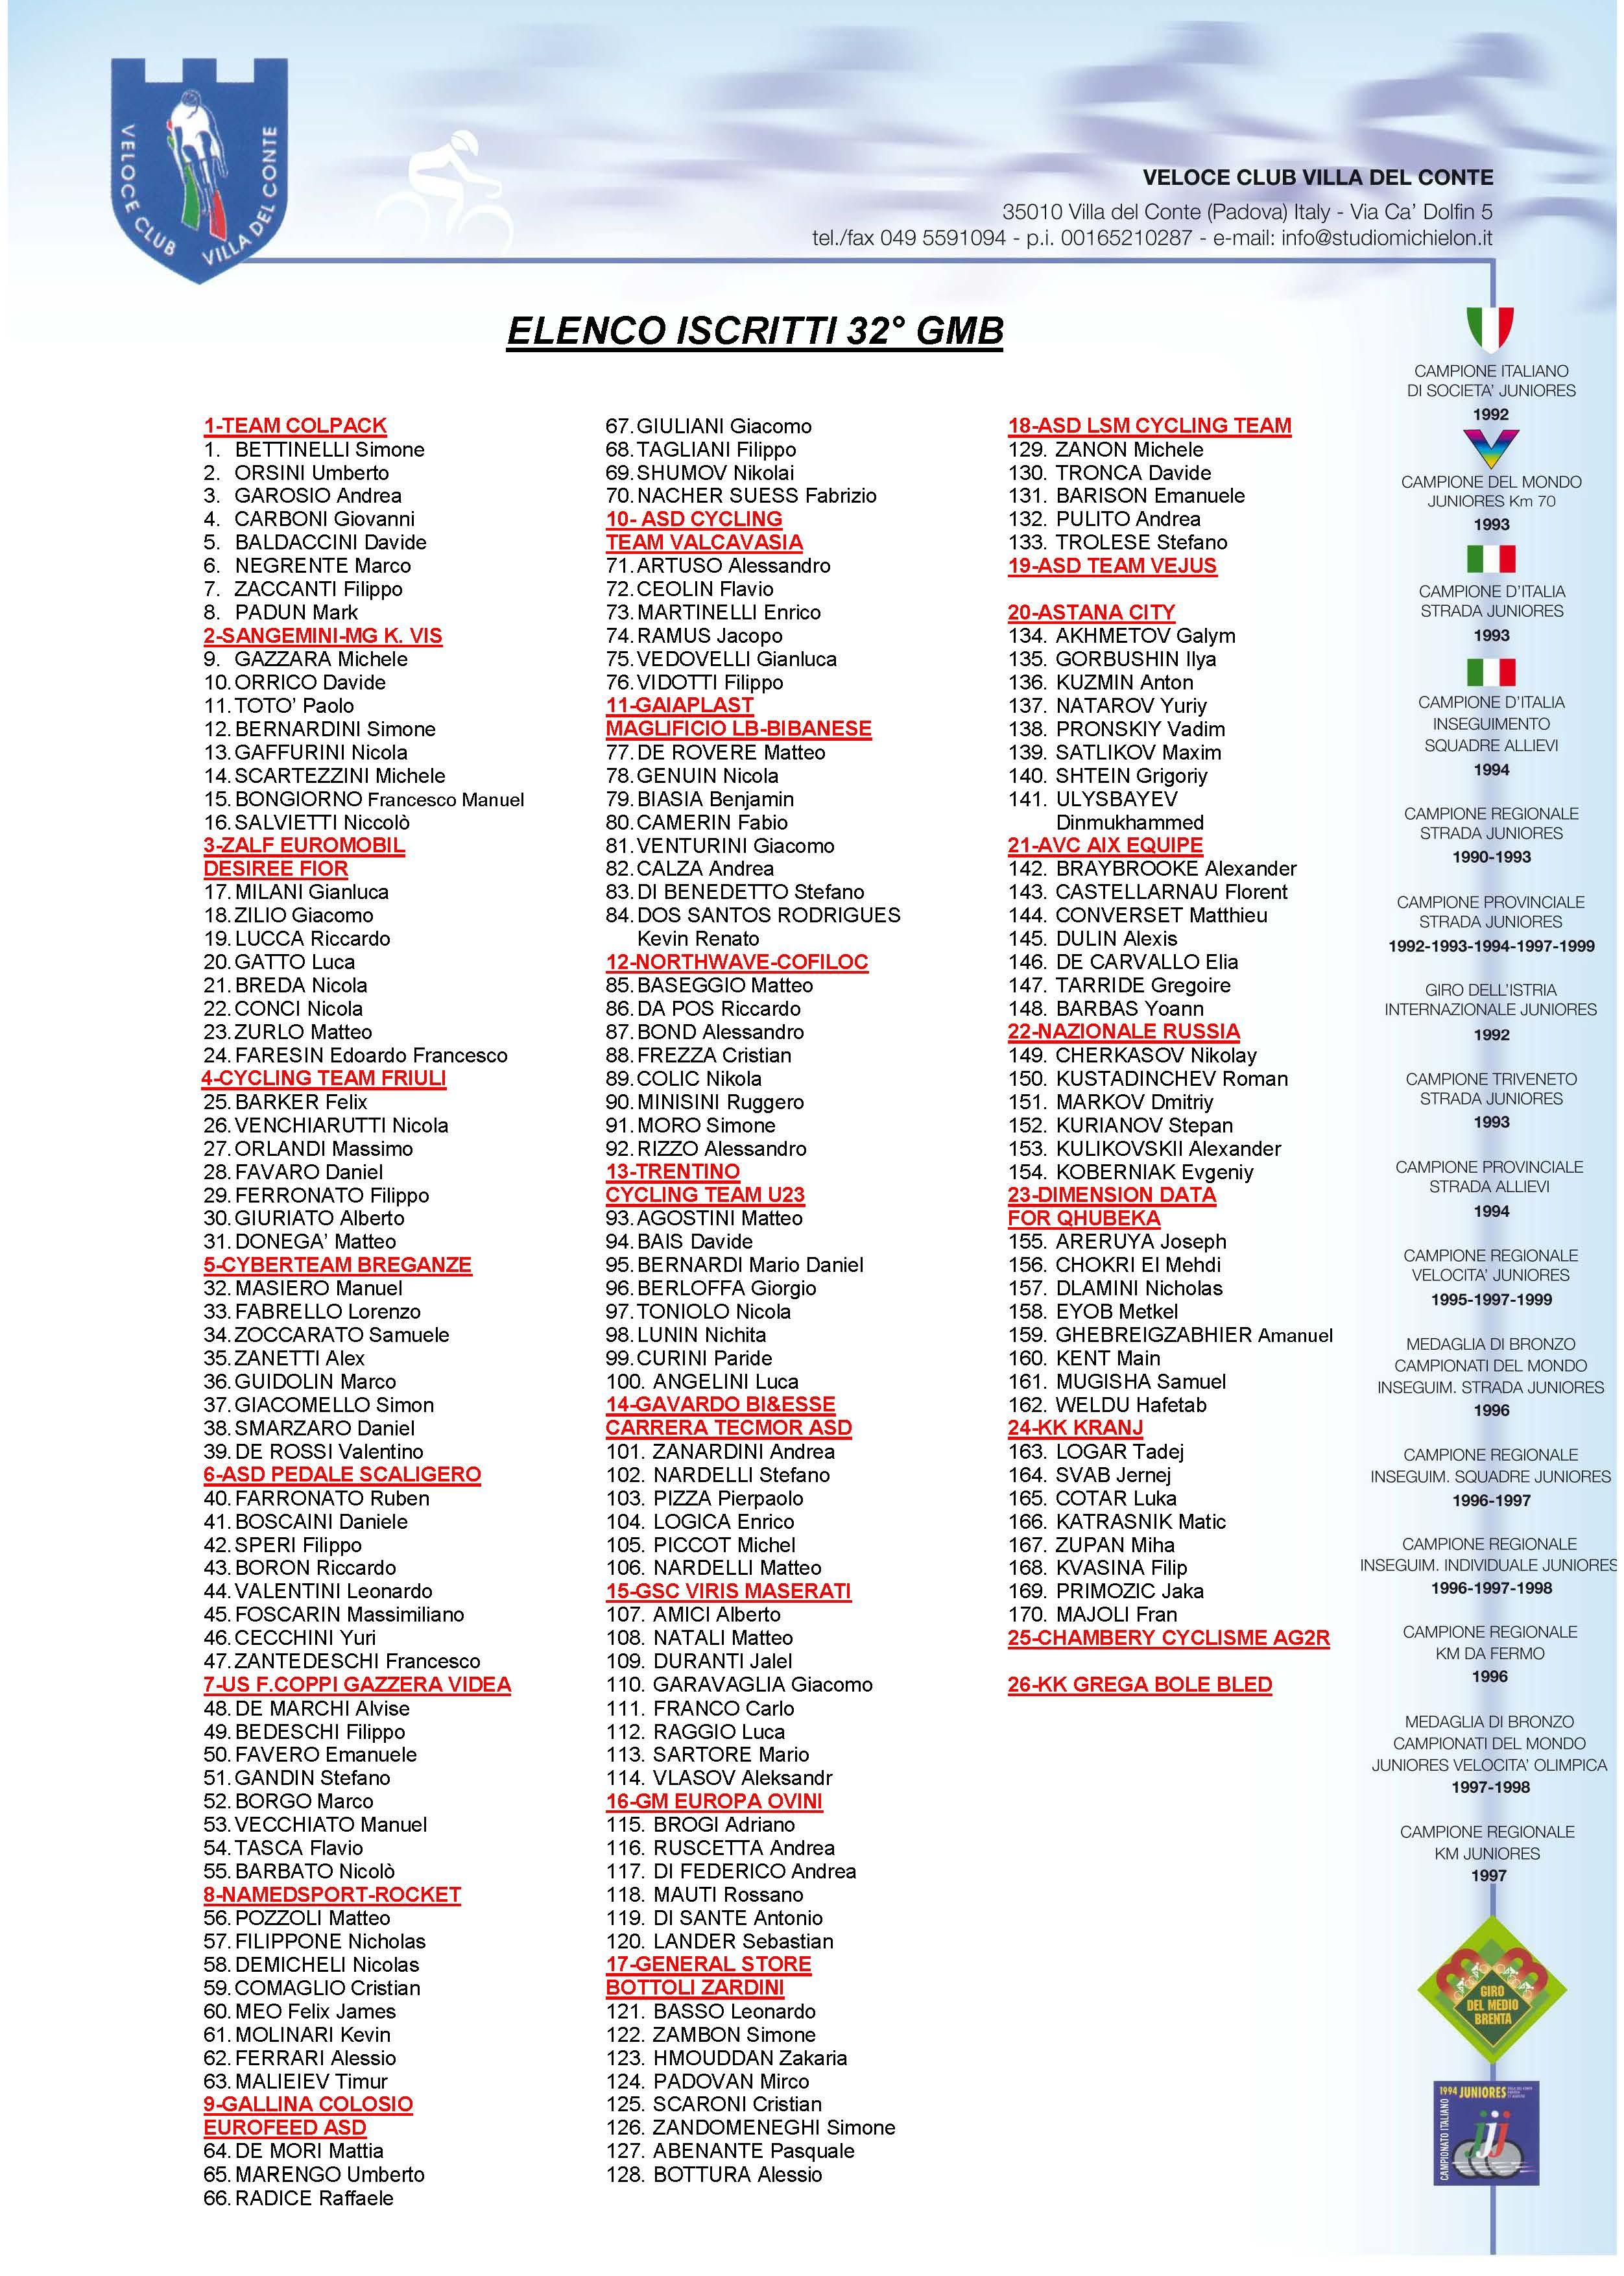 Elenco iscritti 2017